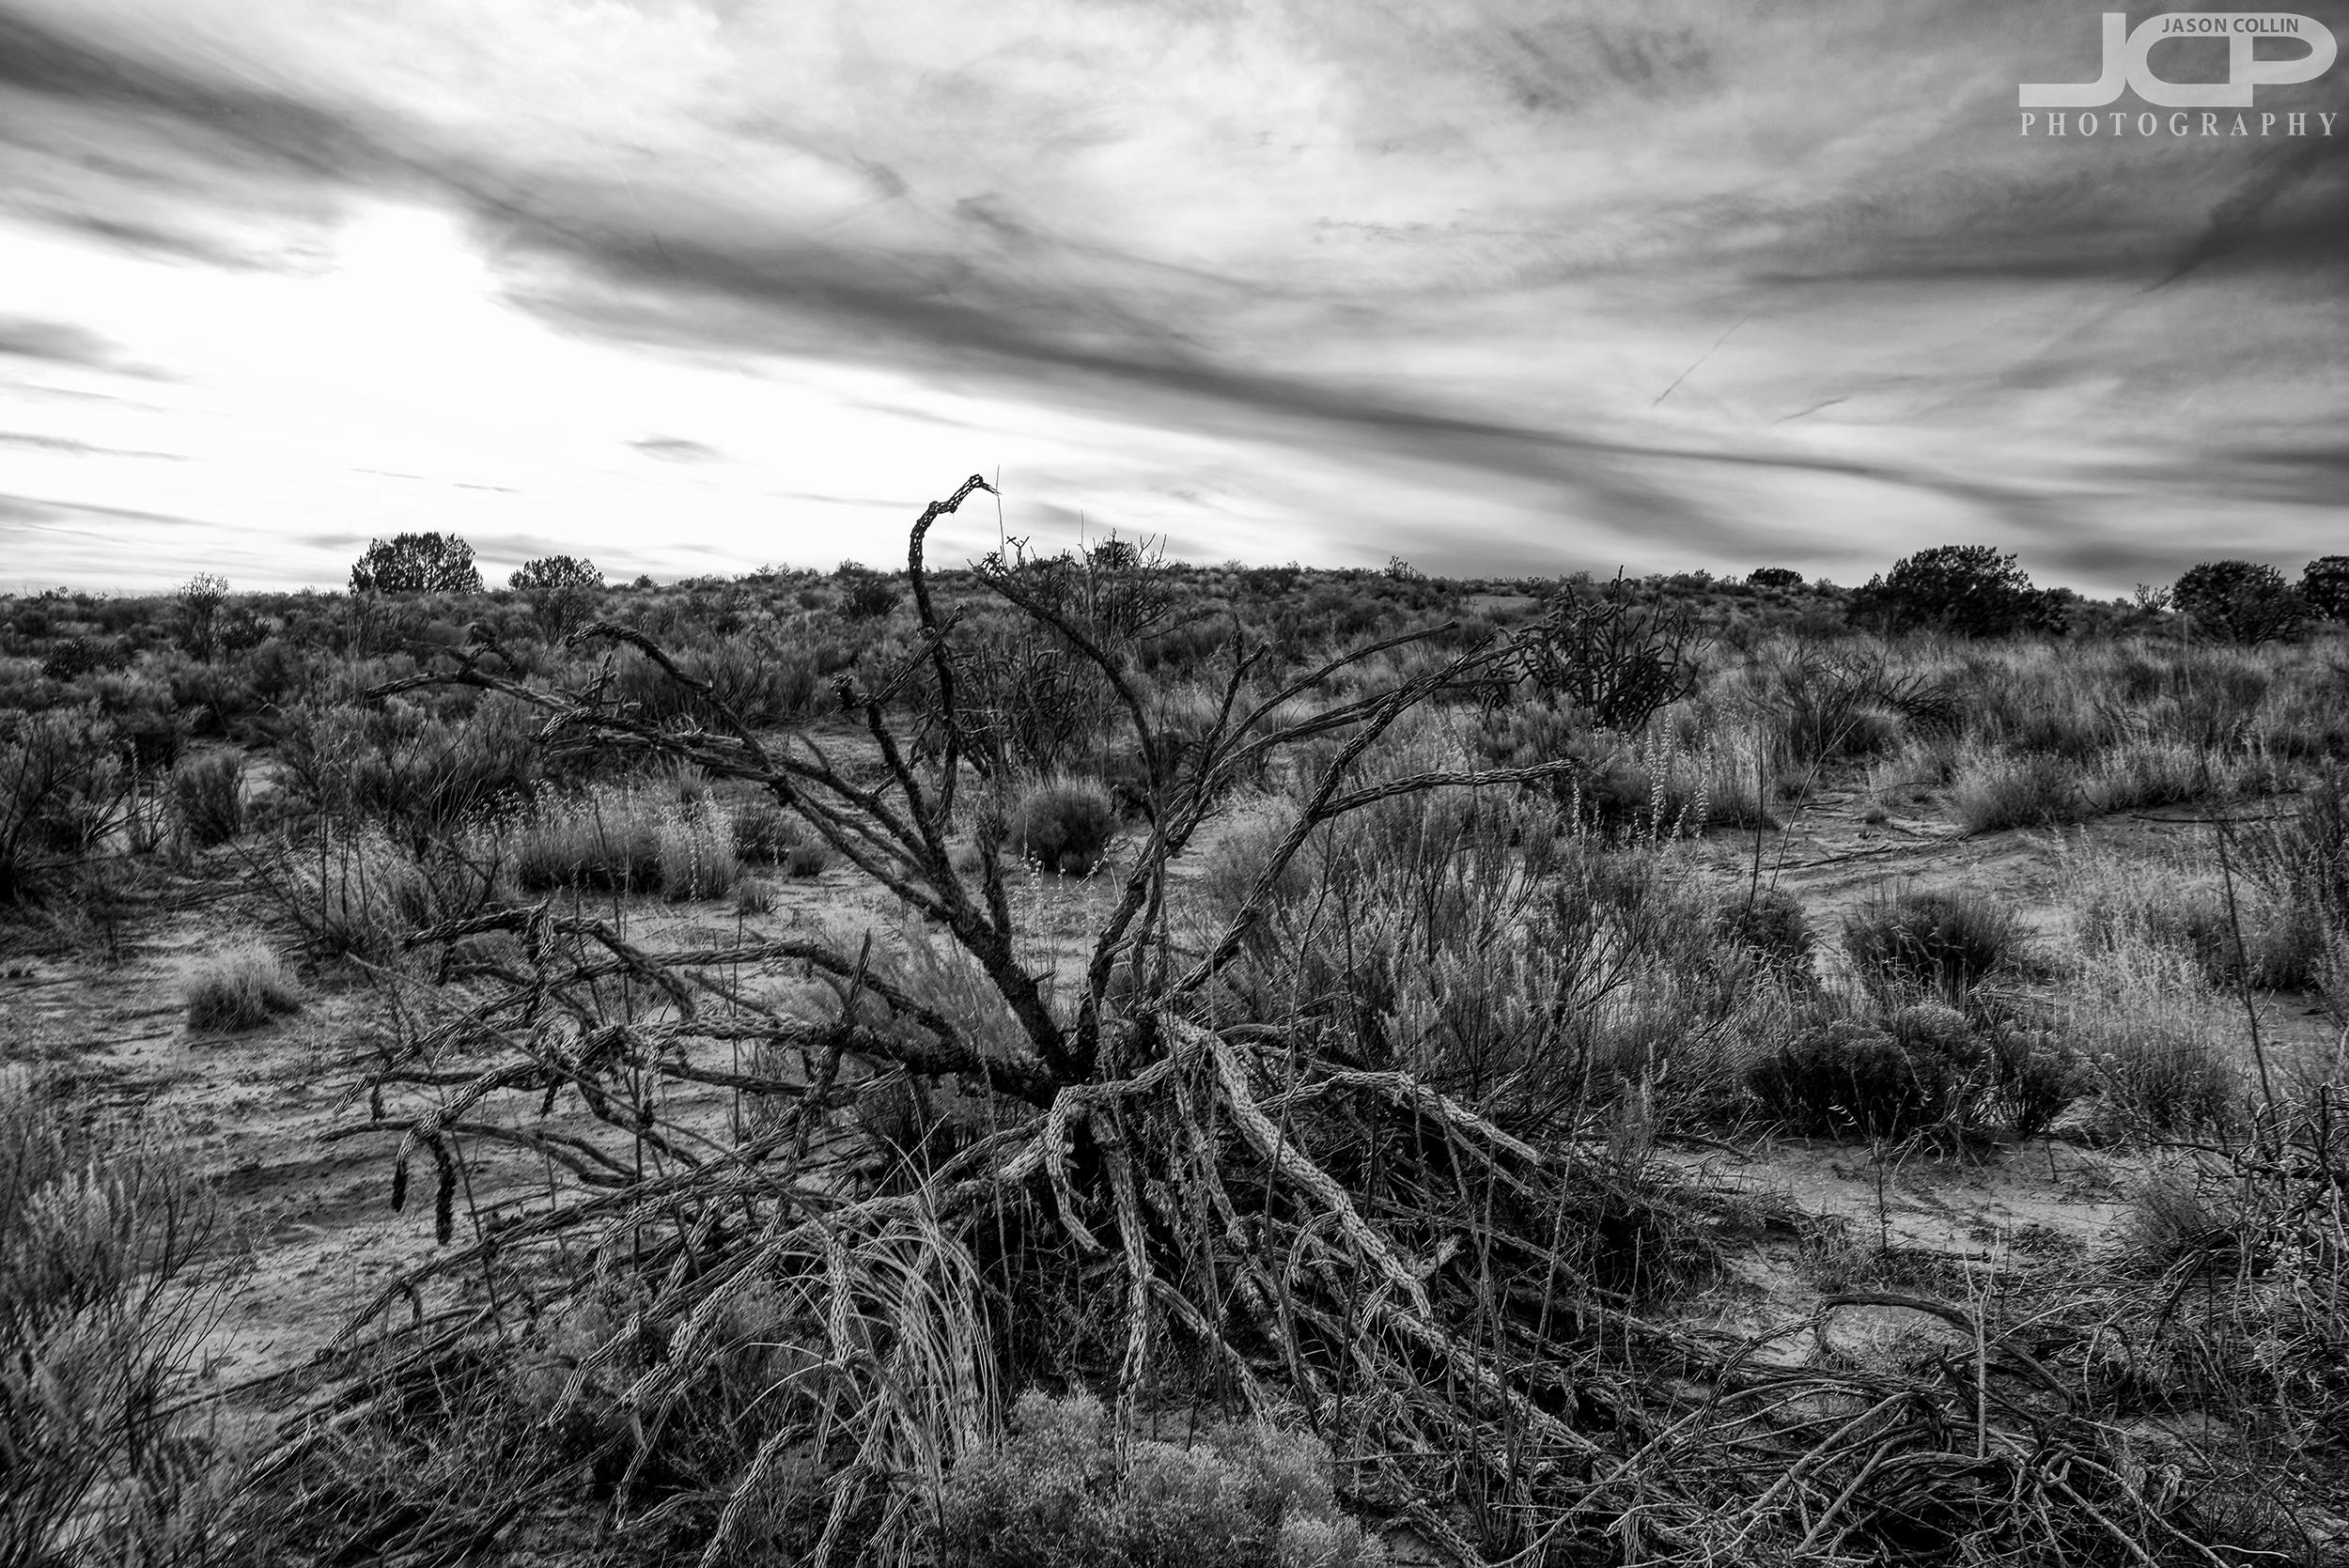 The desert is harsh, black & white is harsh